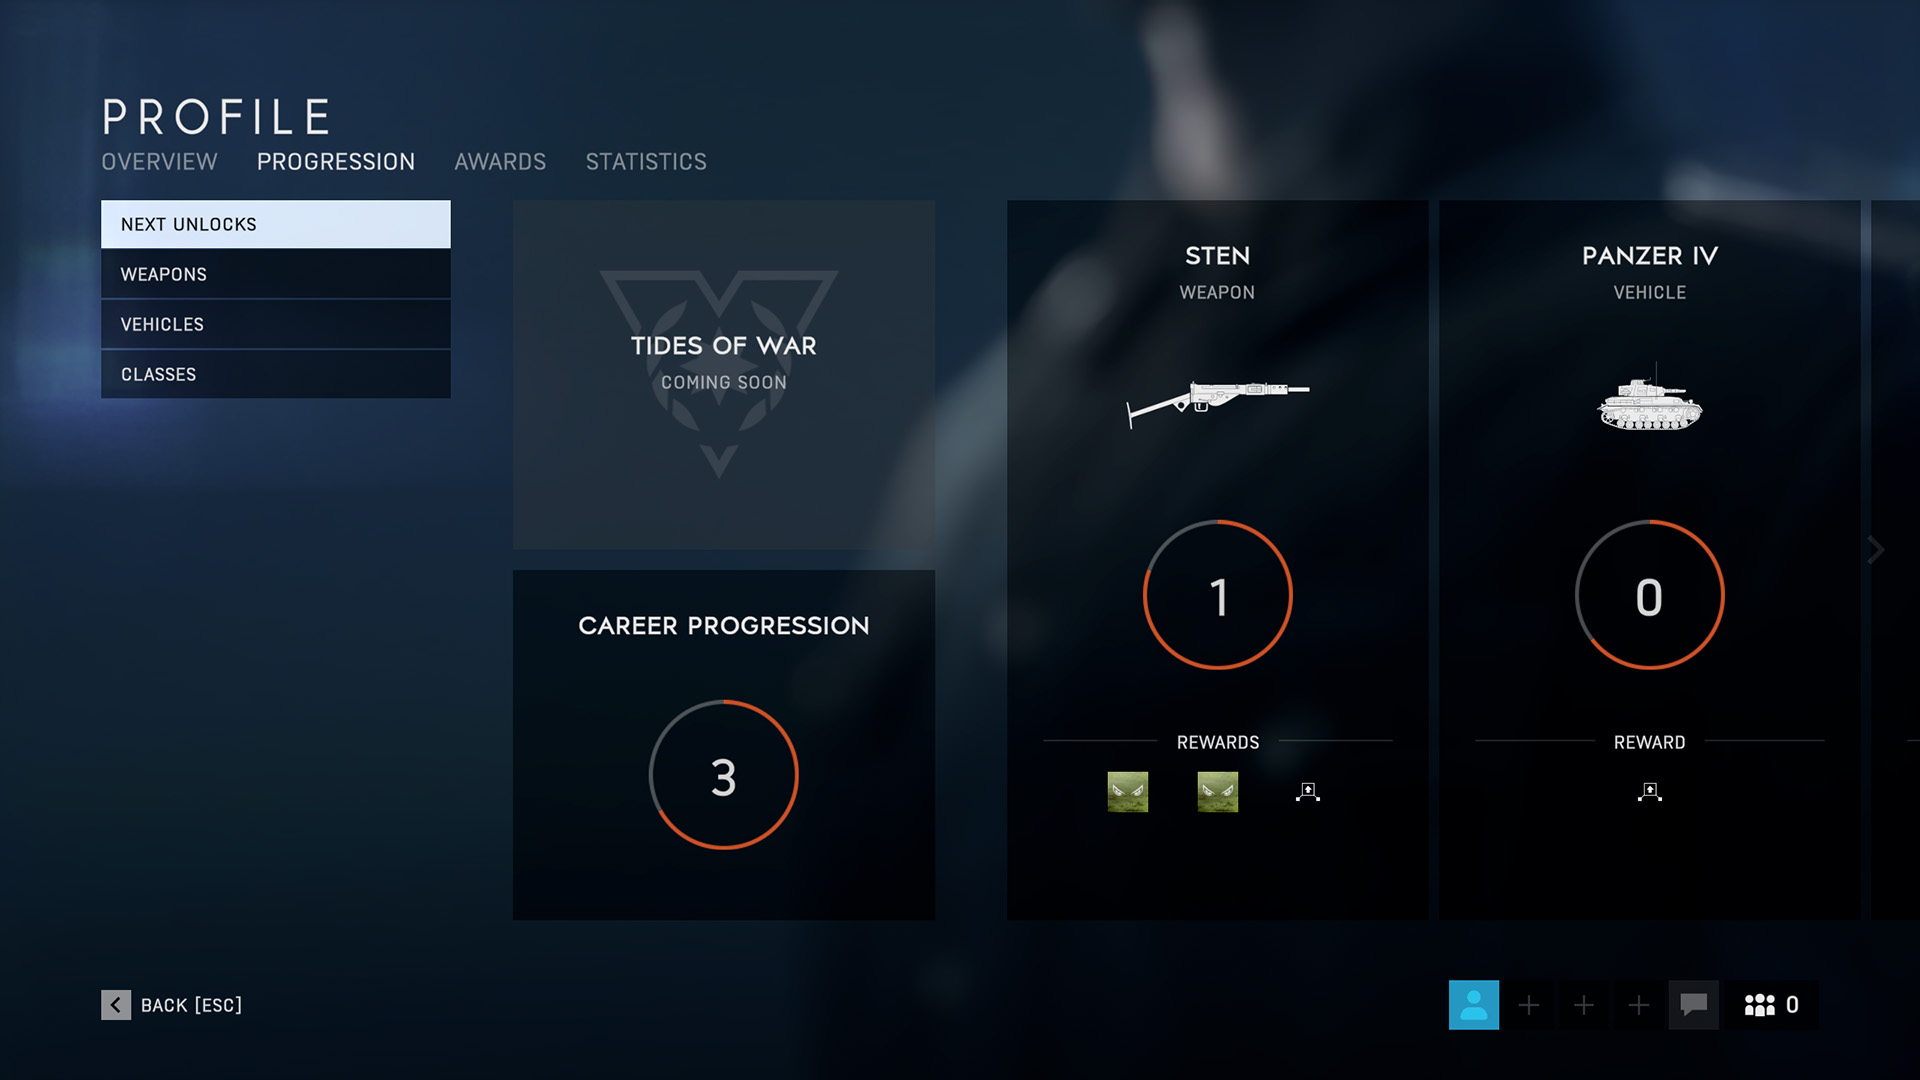 Battlefield V Screenshot 2018_0039_Battlefield V Screenshot 2018.11.11 - 20.28.07.44.jpg